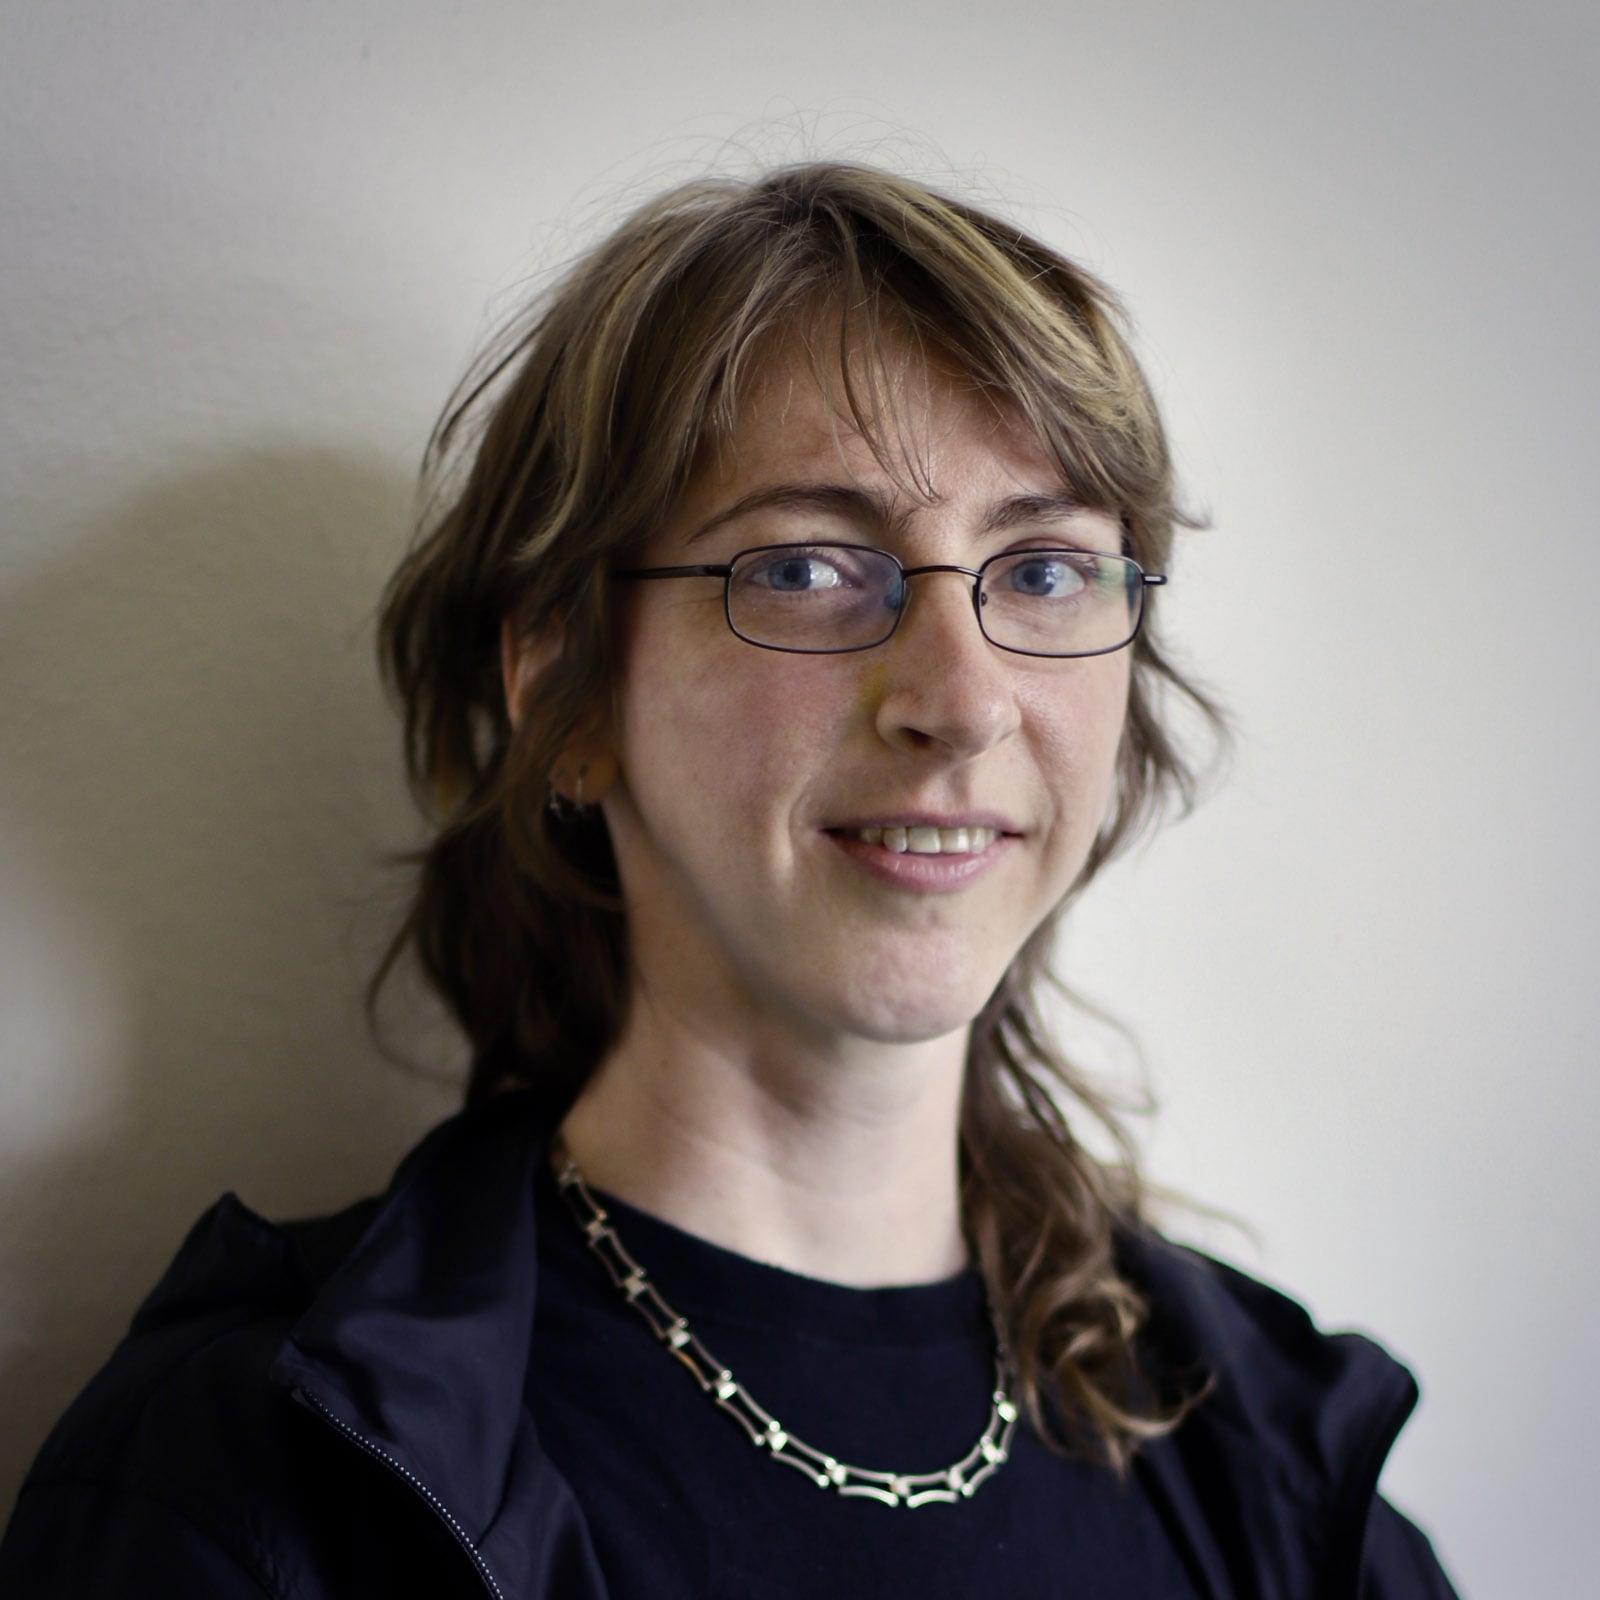 Erika Körner